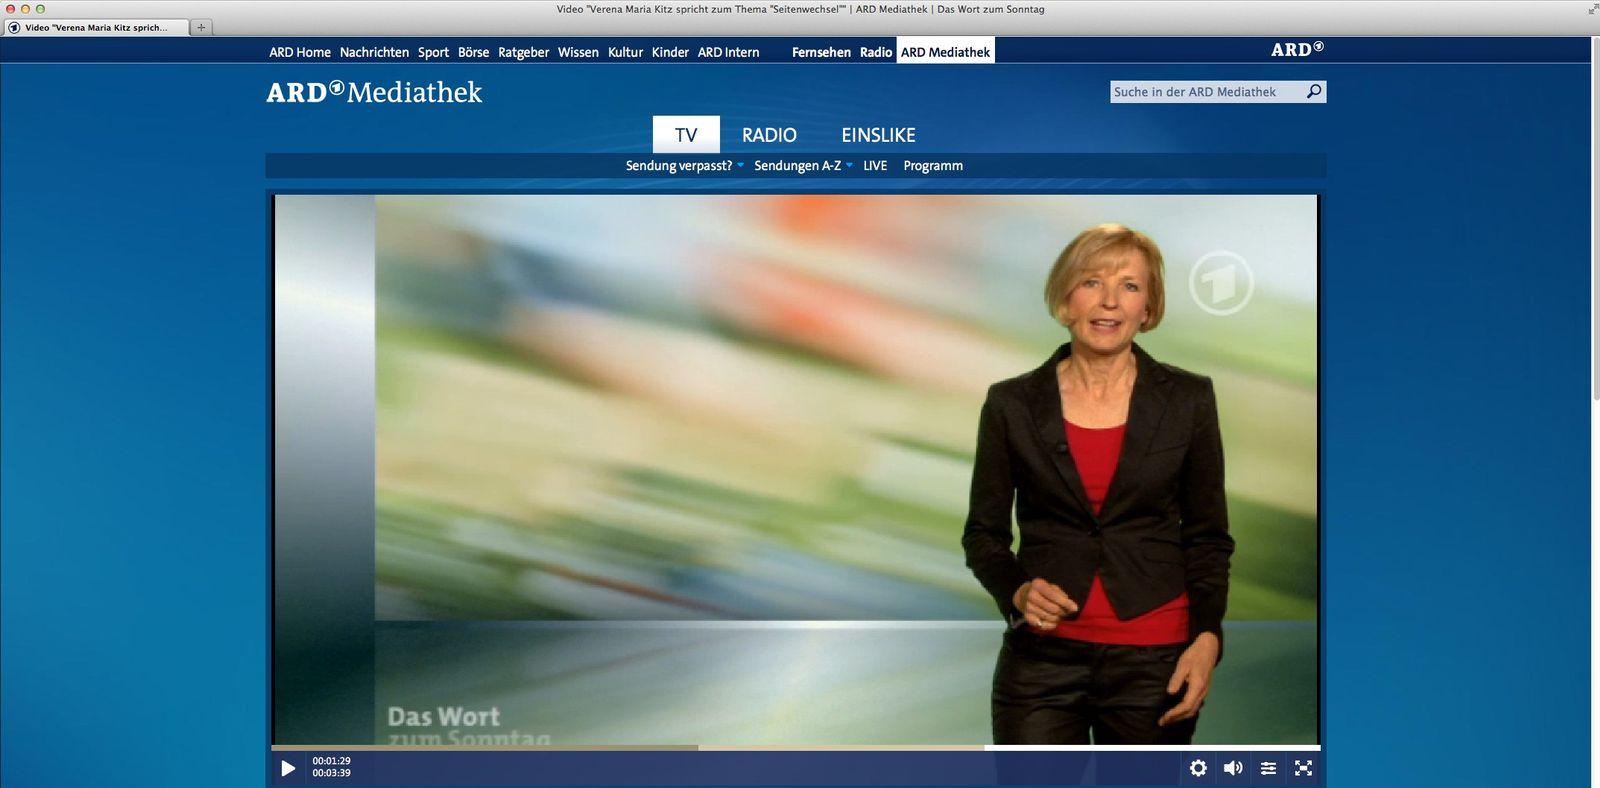 NUR ALS ZITAT Screenshot/ Das Wort zum Sonntag/ Verena Maria Kit